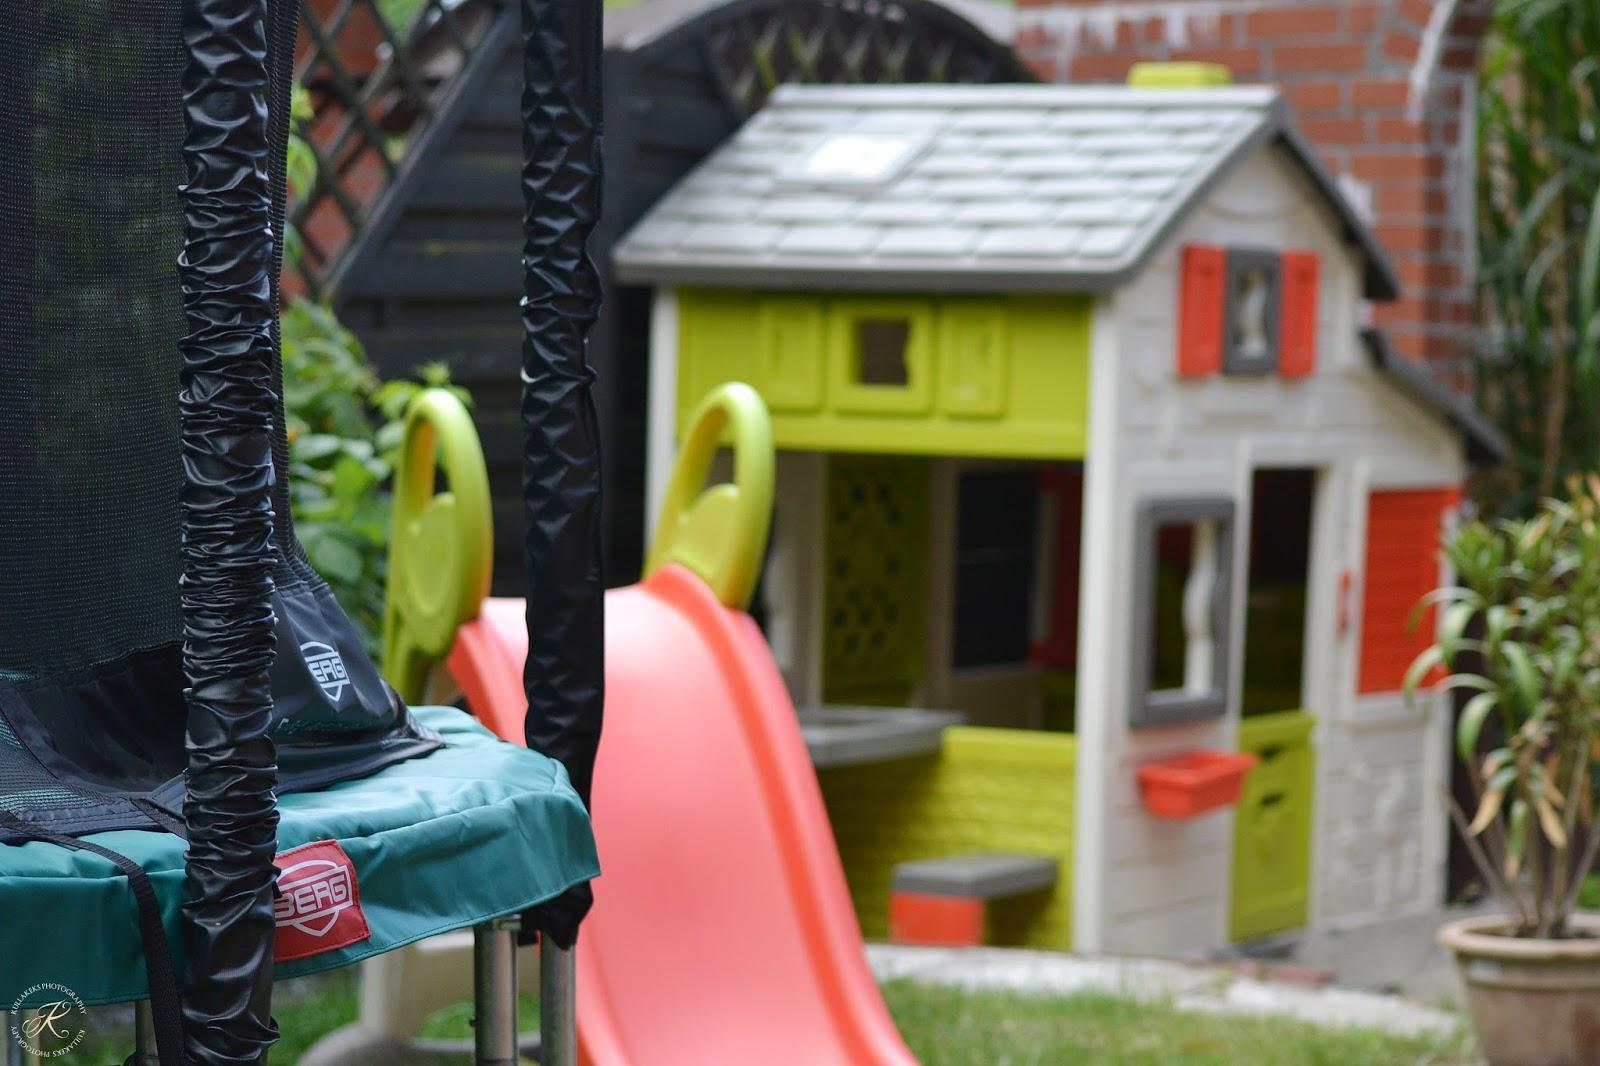 Spielgeräte Kleiner Garten | Die schönsten Einrichtungsideen